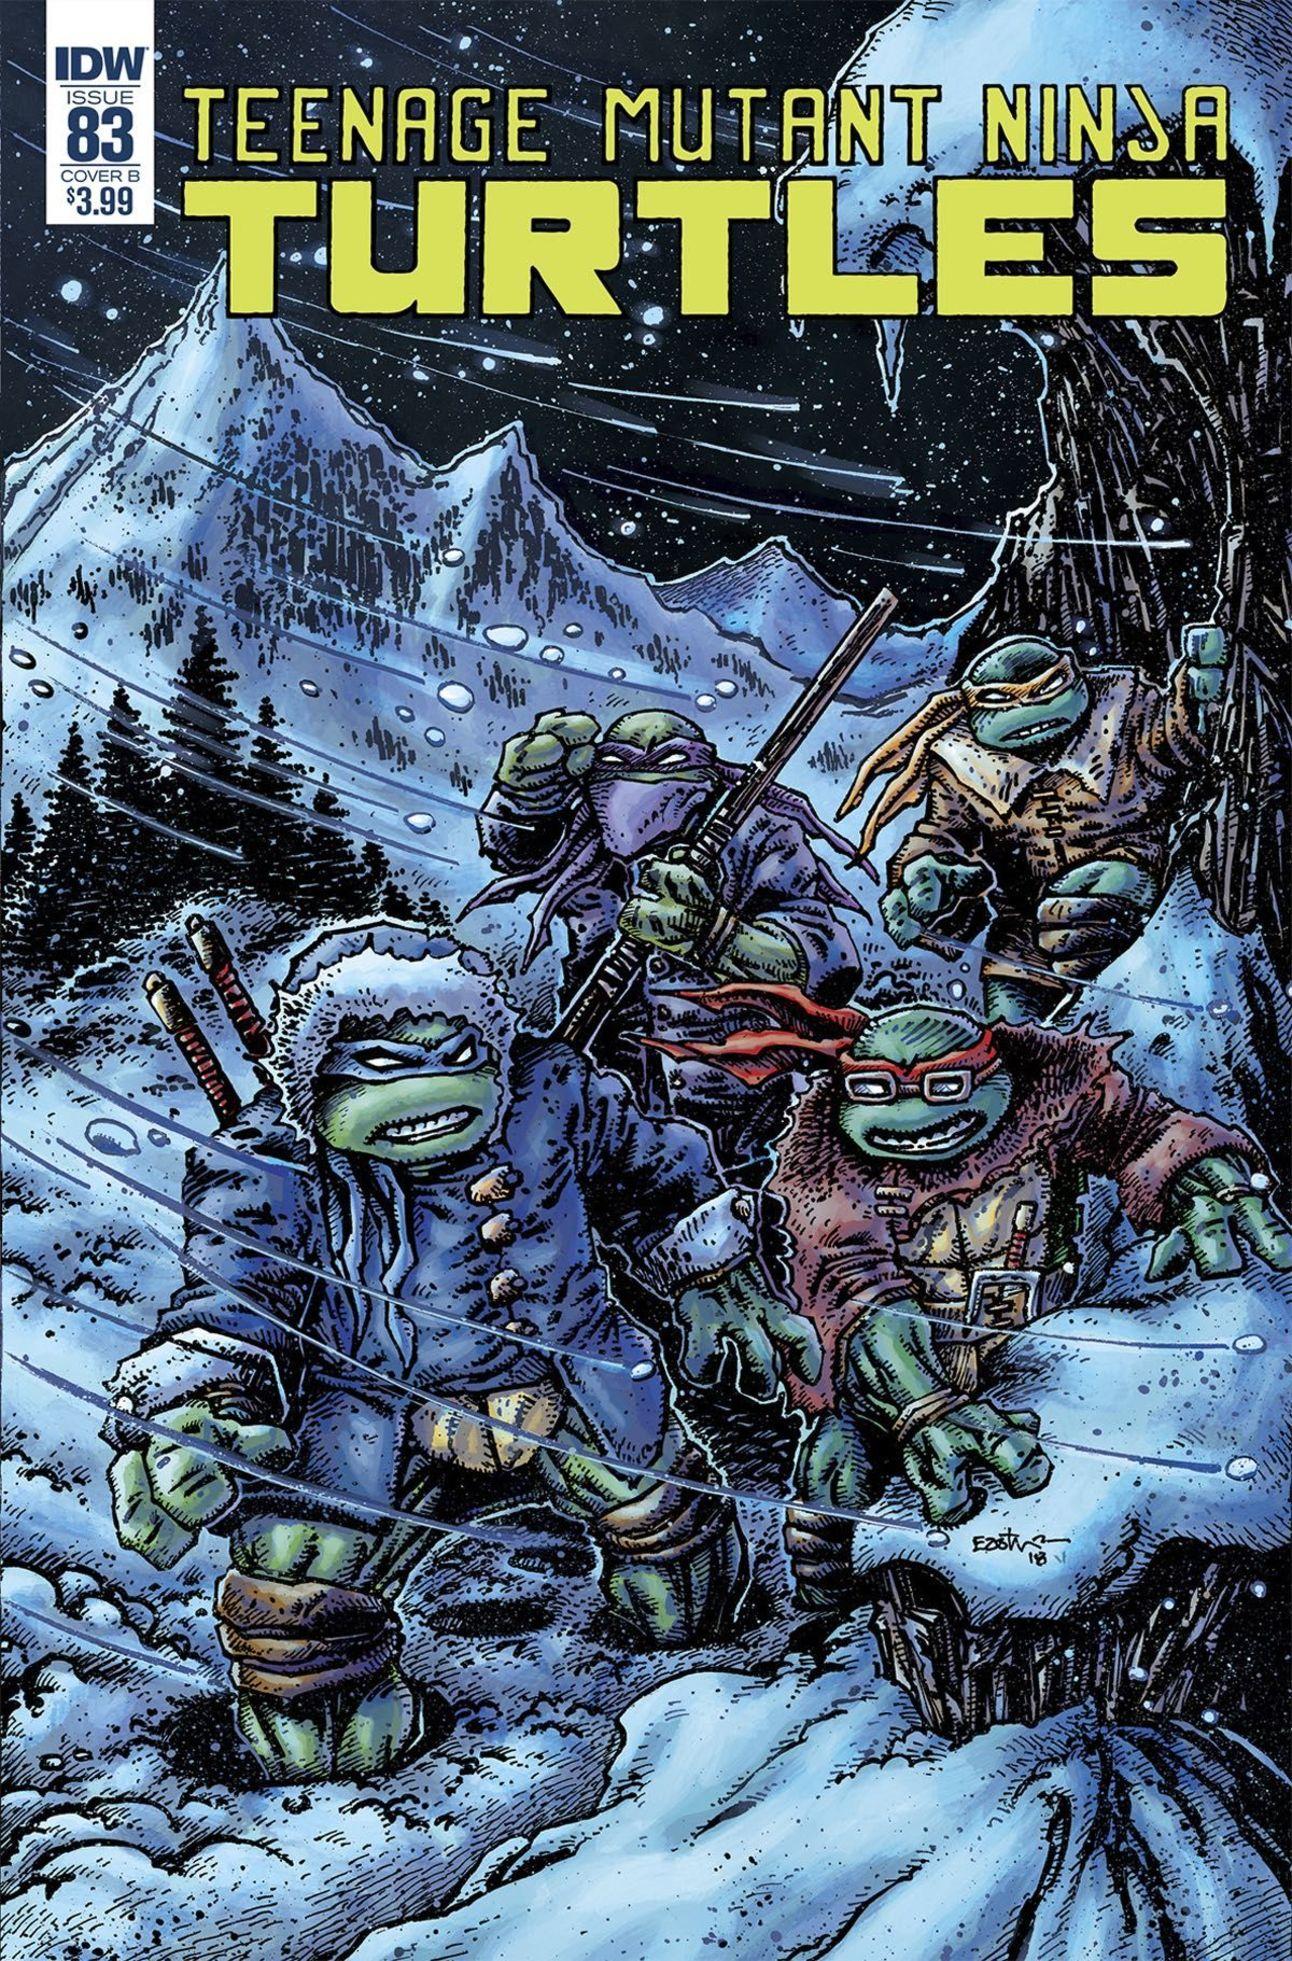 Teenage Mutant Ninja Turtles 83 cover by Kevin Eastman